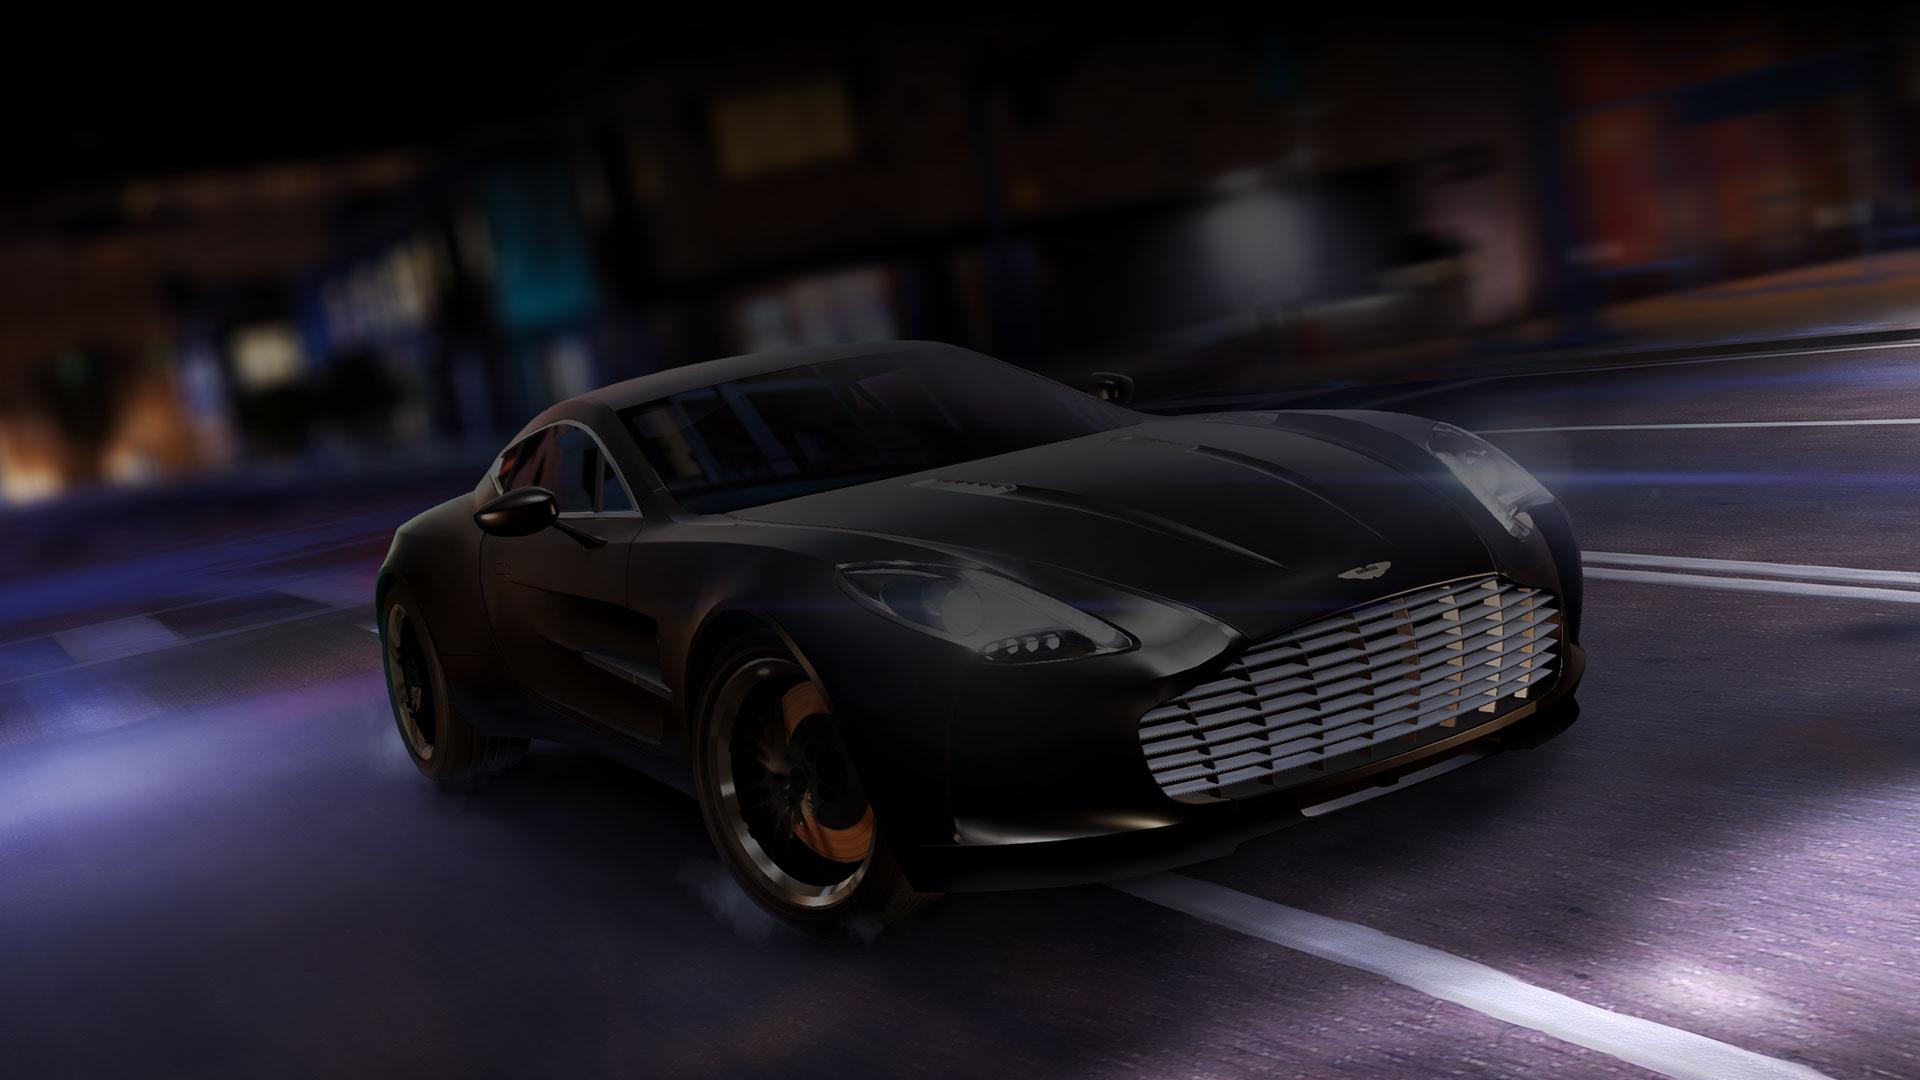 Aston Martin noire dans une rue